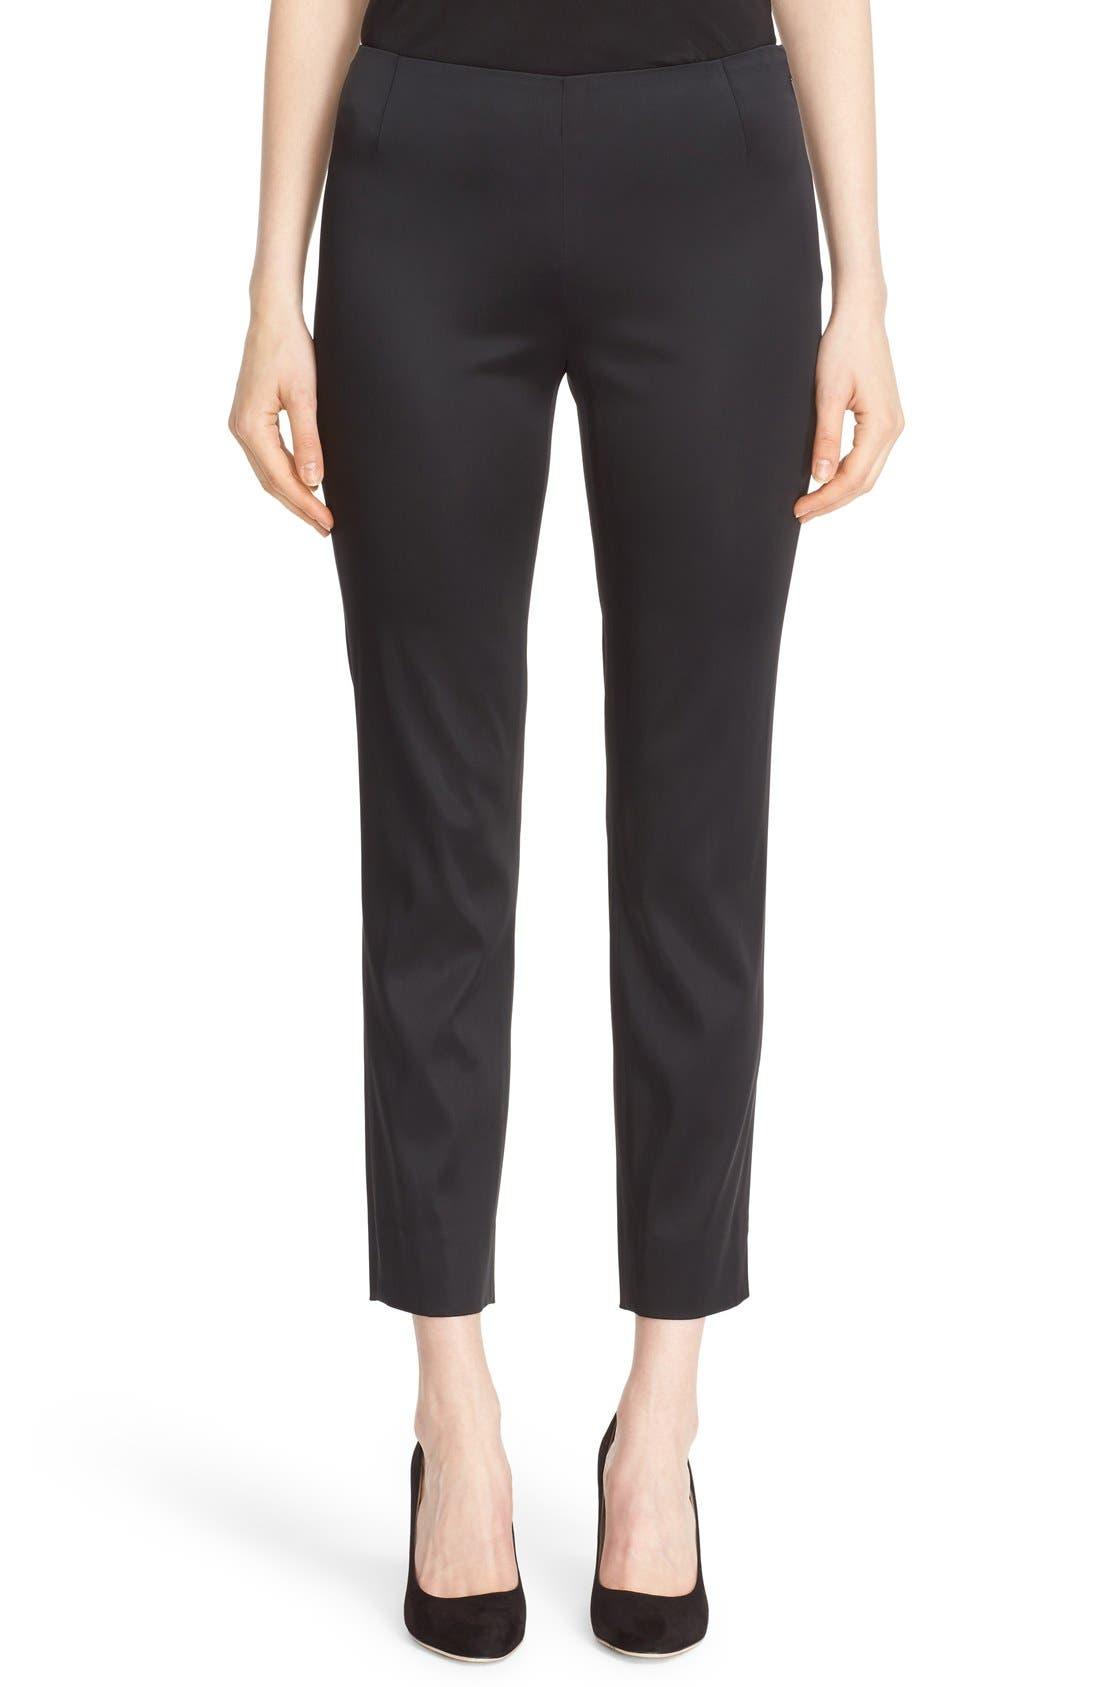 'Stanton - Belle Satin' Pants,                             Main thumbnail 1, color,                             BLACK